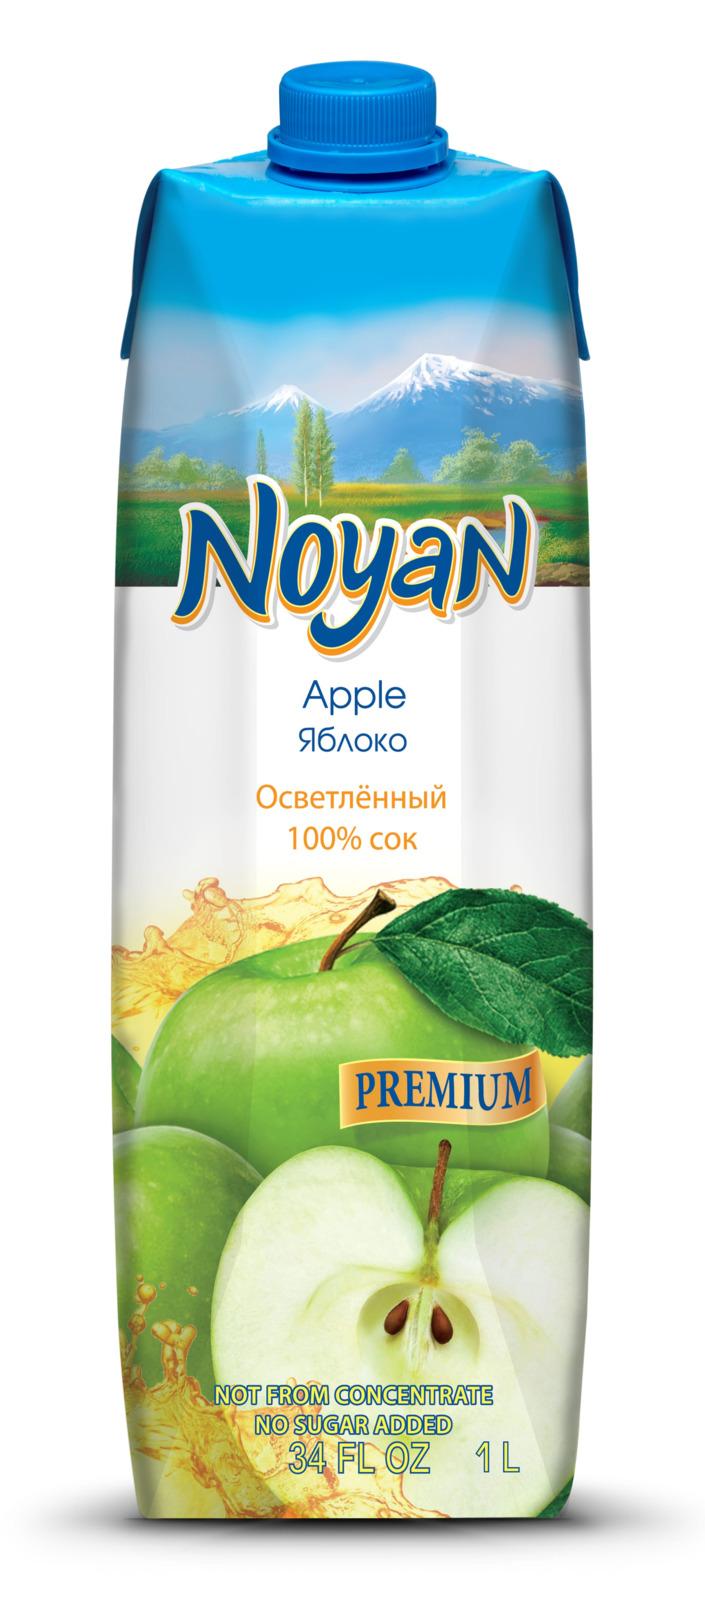 Сок Noyan Premium Яблочный, осветленный, 1 л noyan яблочный сок premium 200 мл